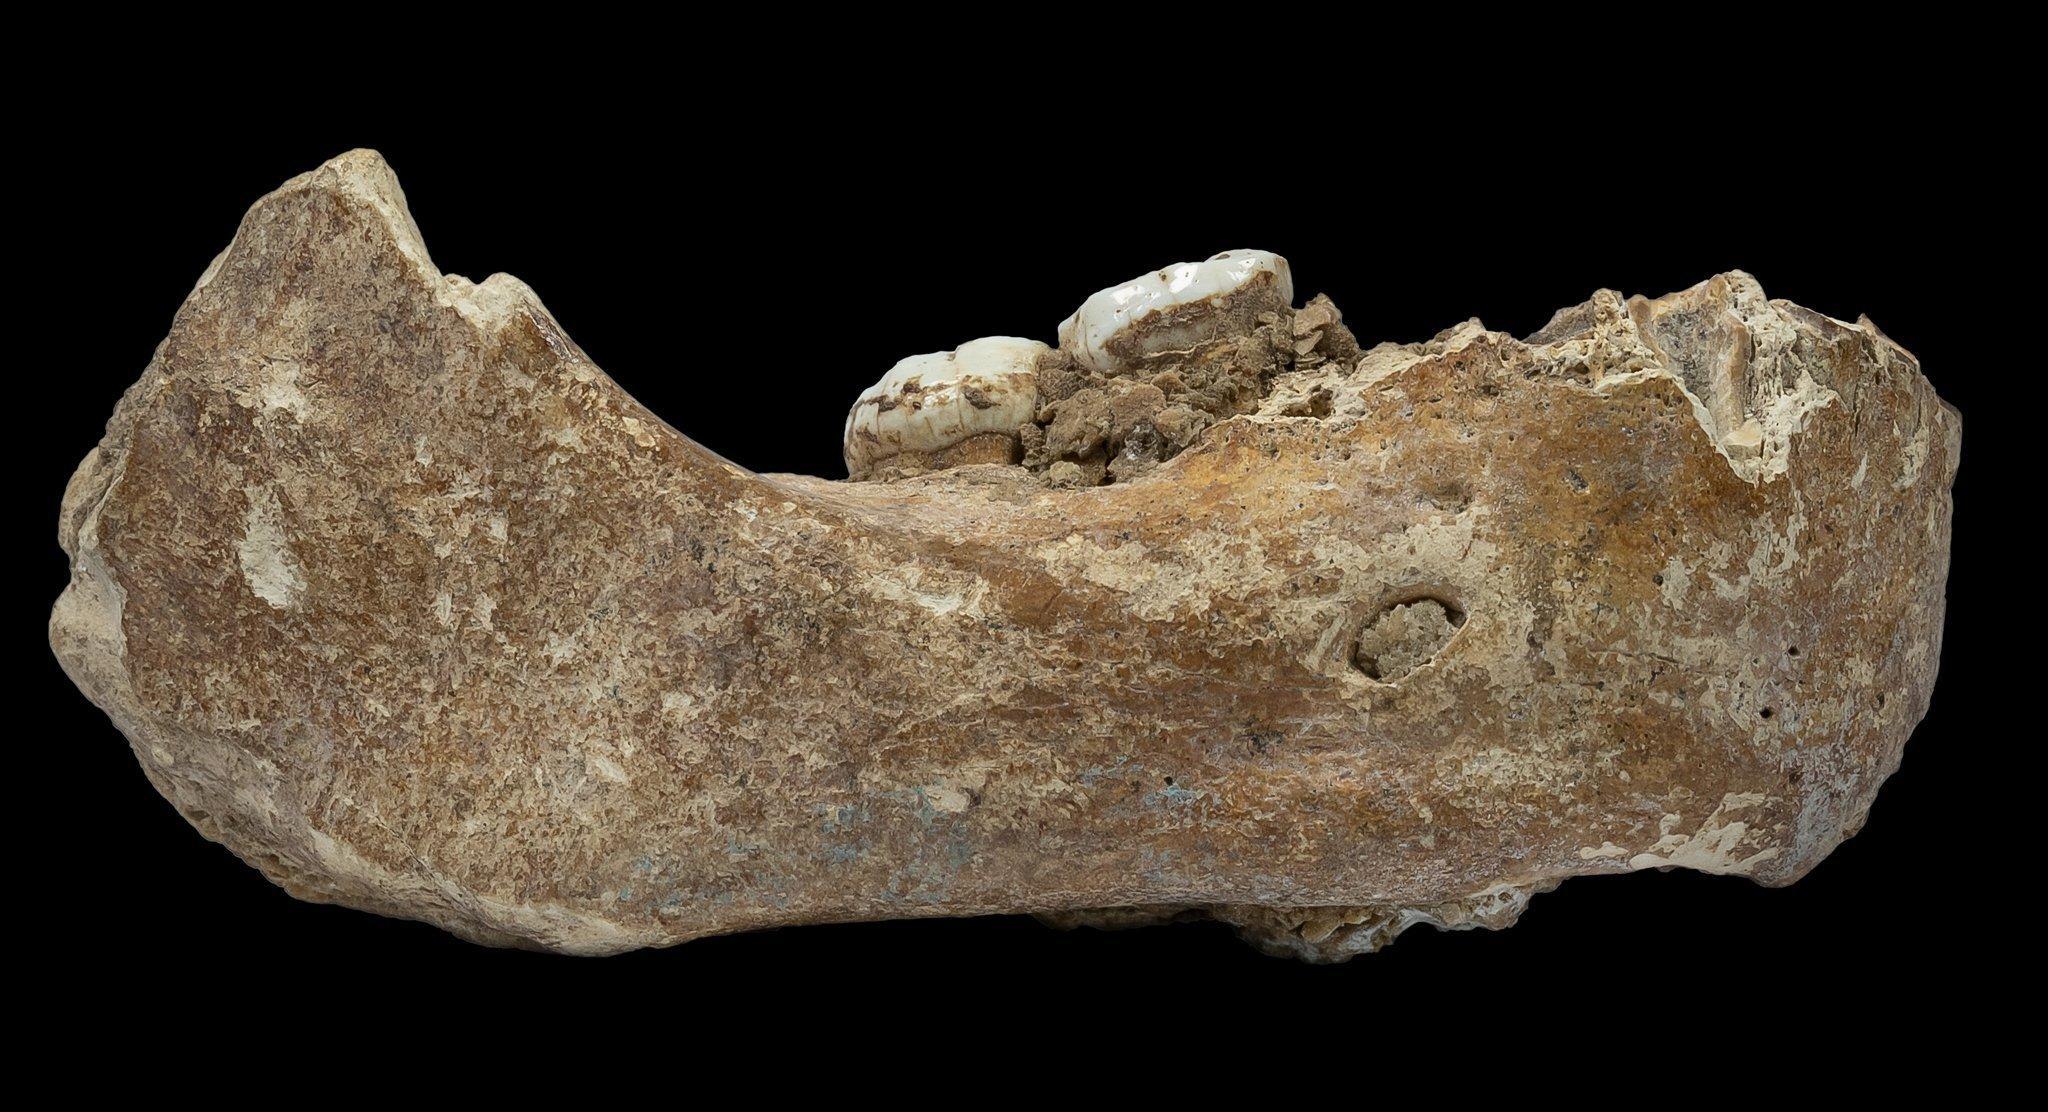 Abgebildet ist der kräftig gebaute, von der Seite fotografierte Unterkiefer eines Menschen, aus dem zwei große Backenzähne herausragen. Er wurde in einer Höhle im Hochland von Tibet entdeckt und ist rund 160.000Jahre alt. Protein-Analysen erweisen ihn als Kiefer eines Denisova-Urmenschen.